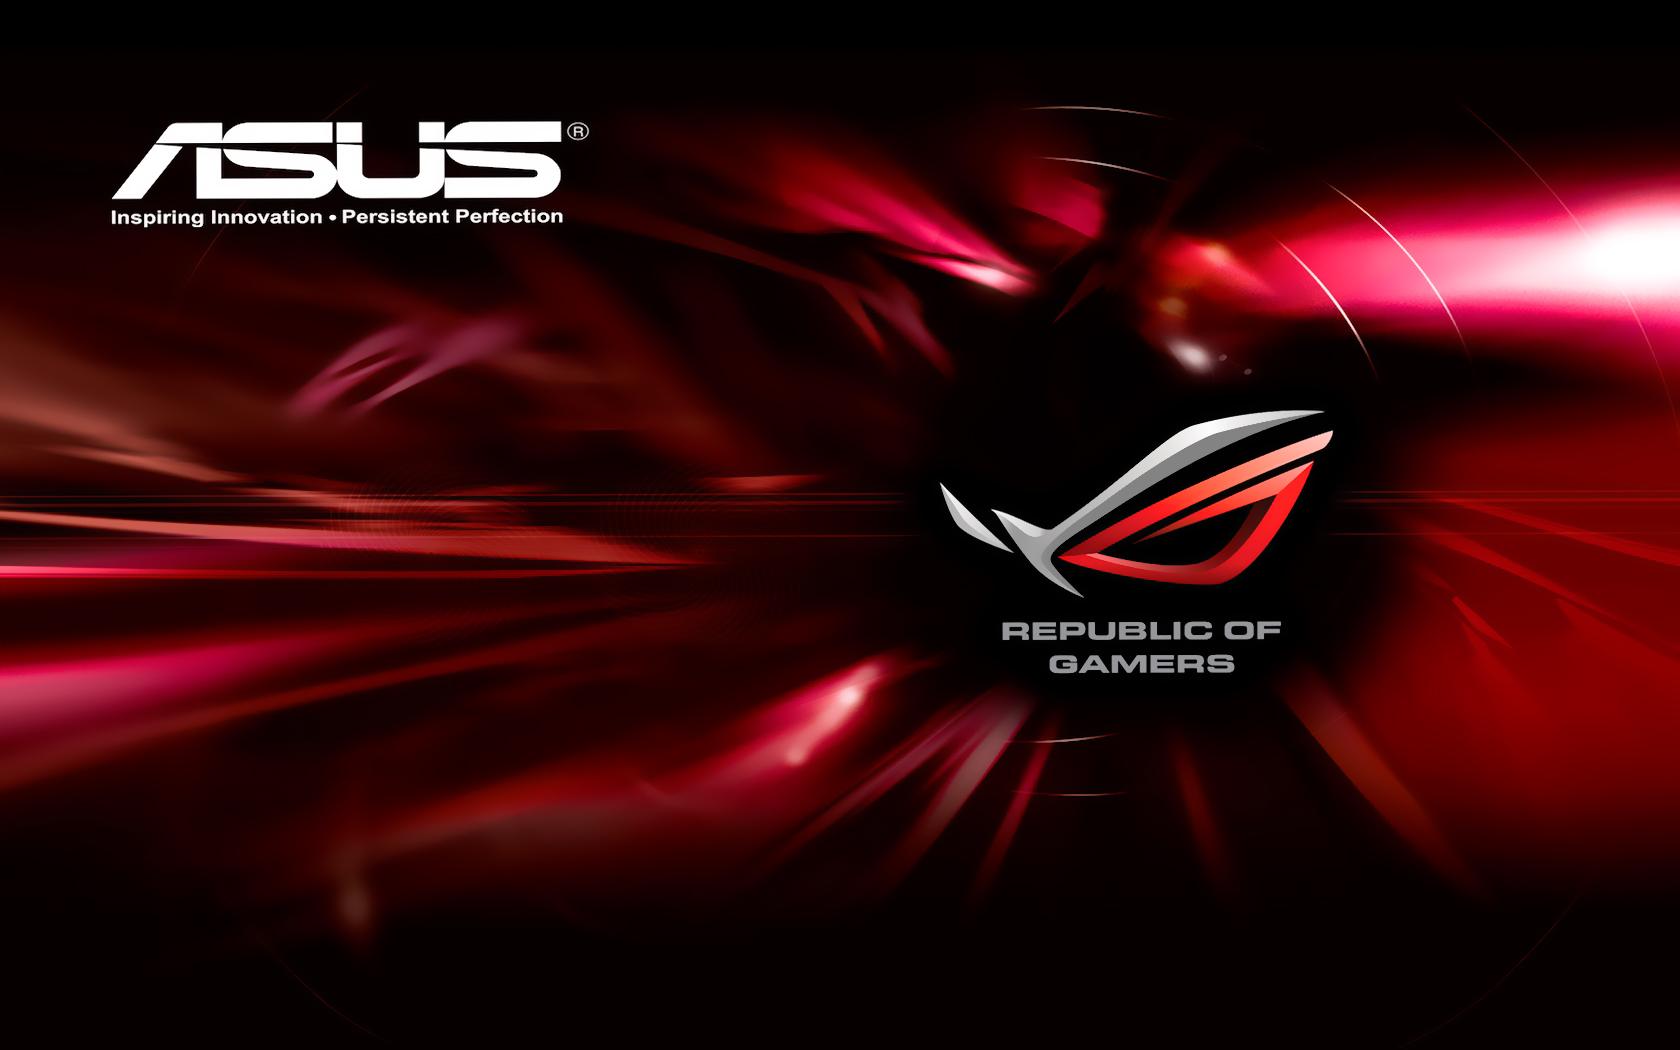 ASUS Gaming Wallpaper HD - WallpaperSafari